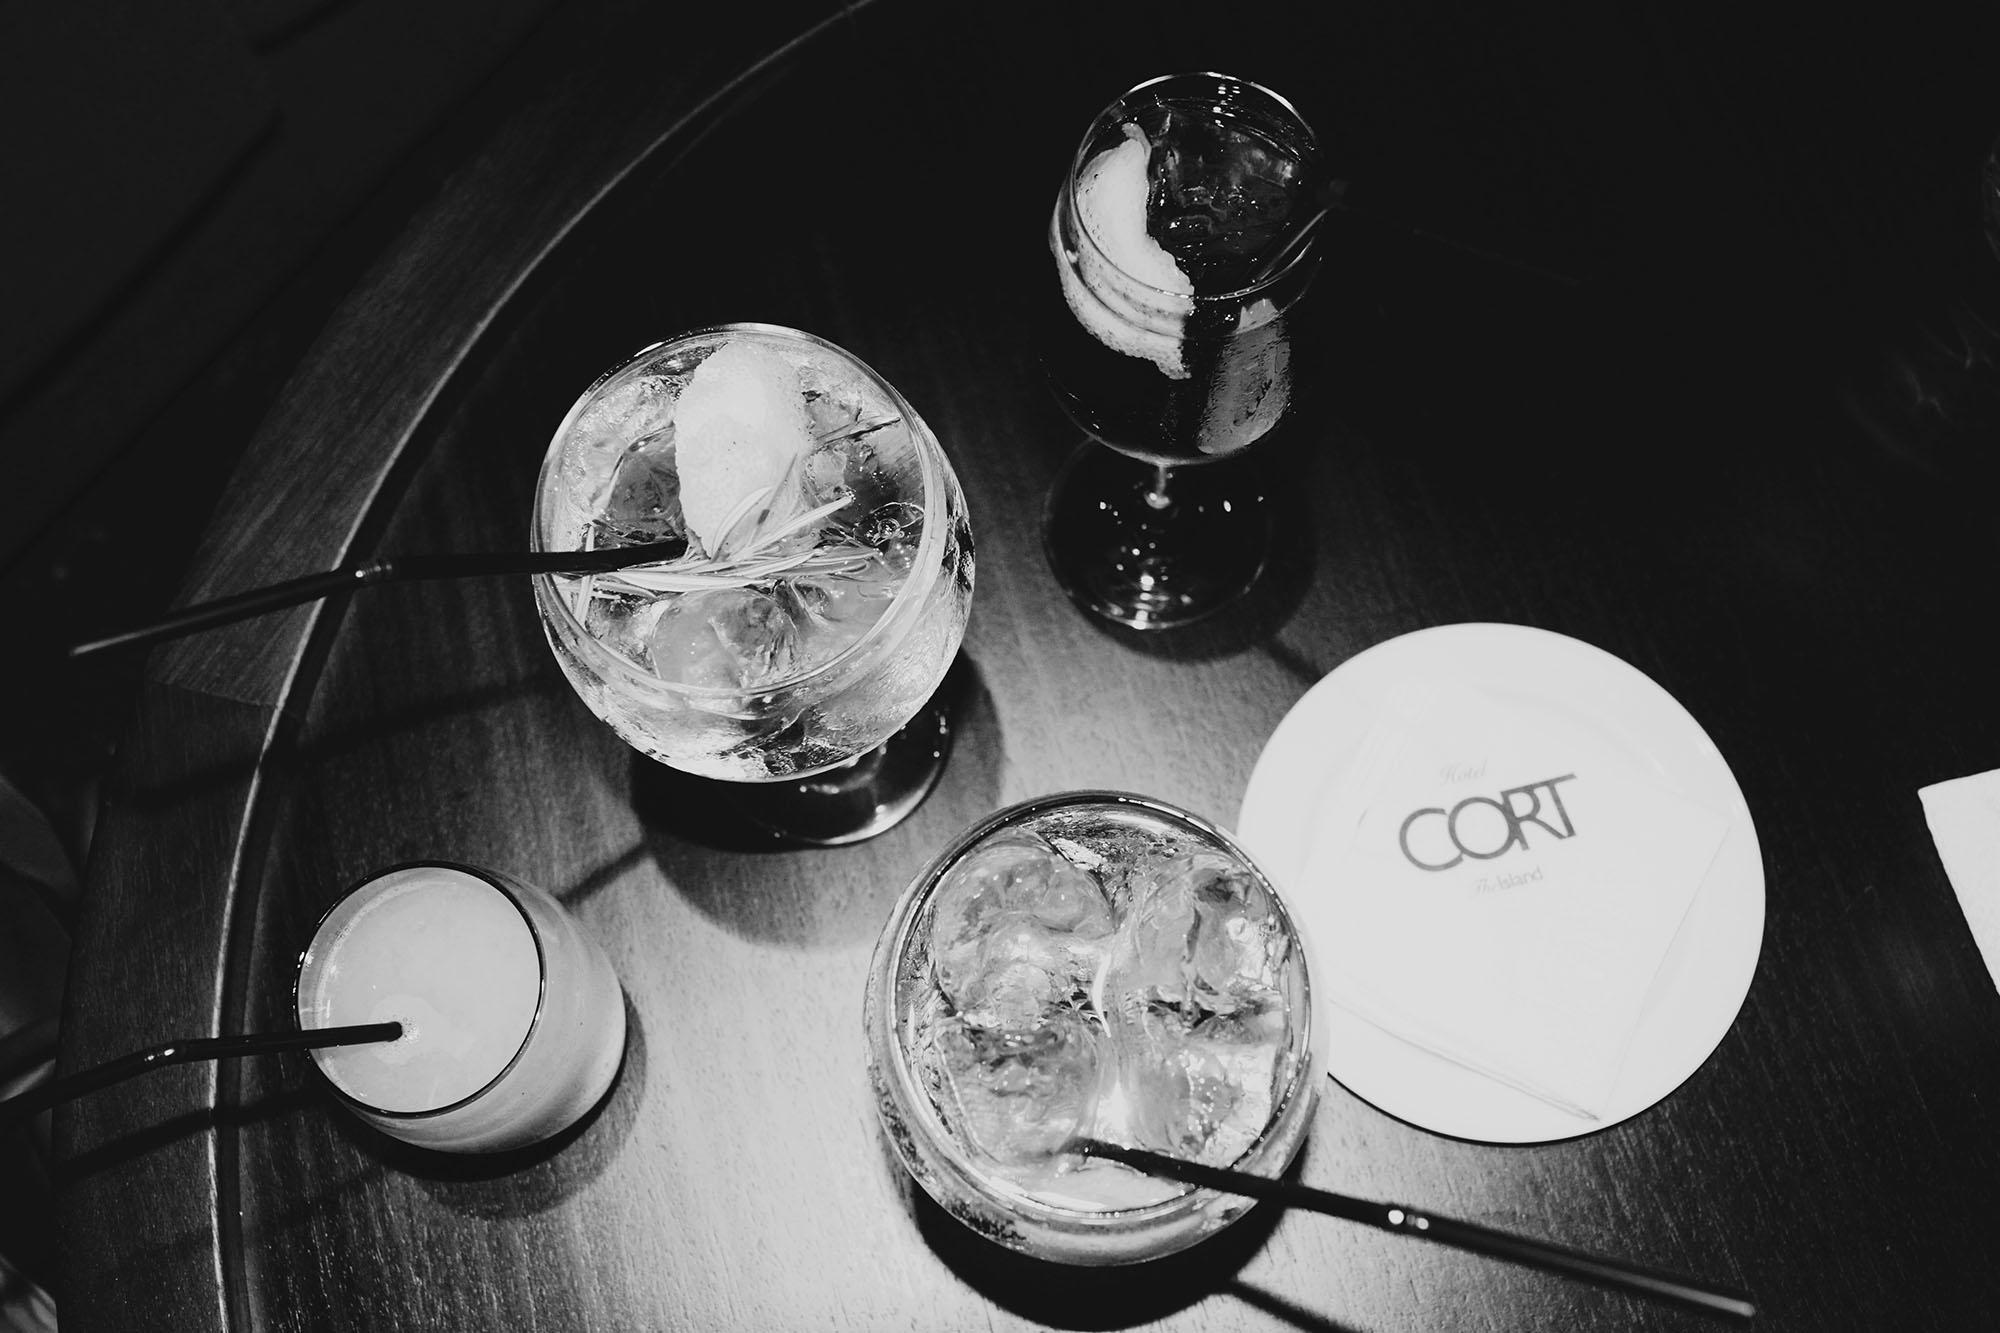 mallorca-HotelCort16-nectarandpulse-drinks